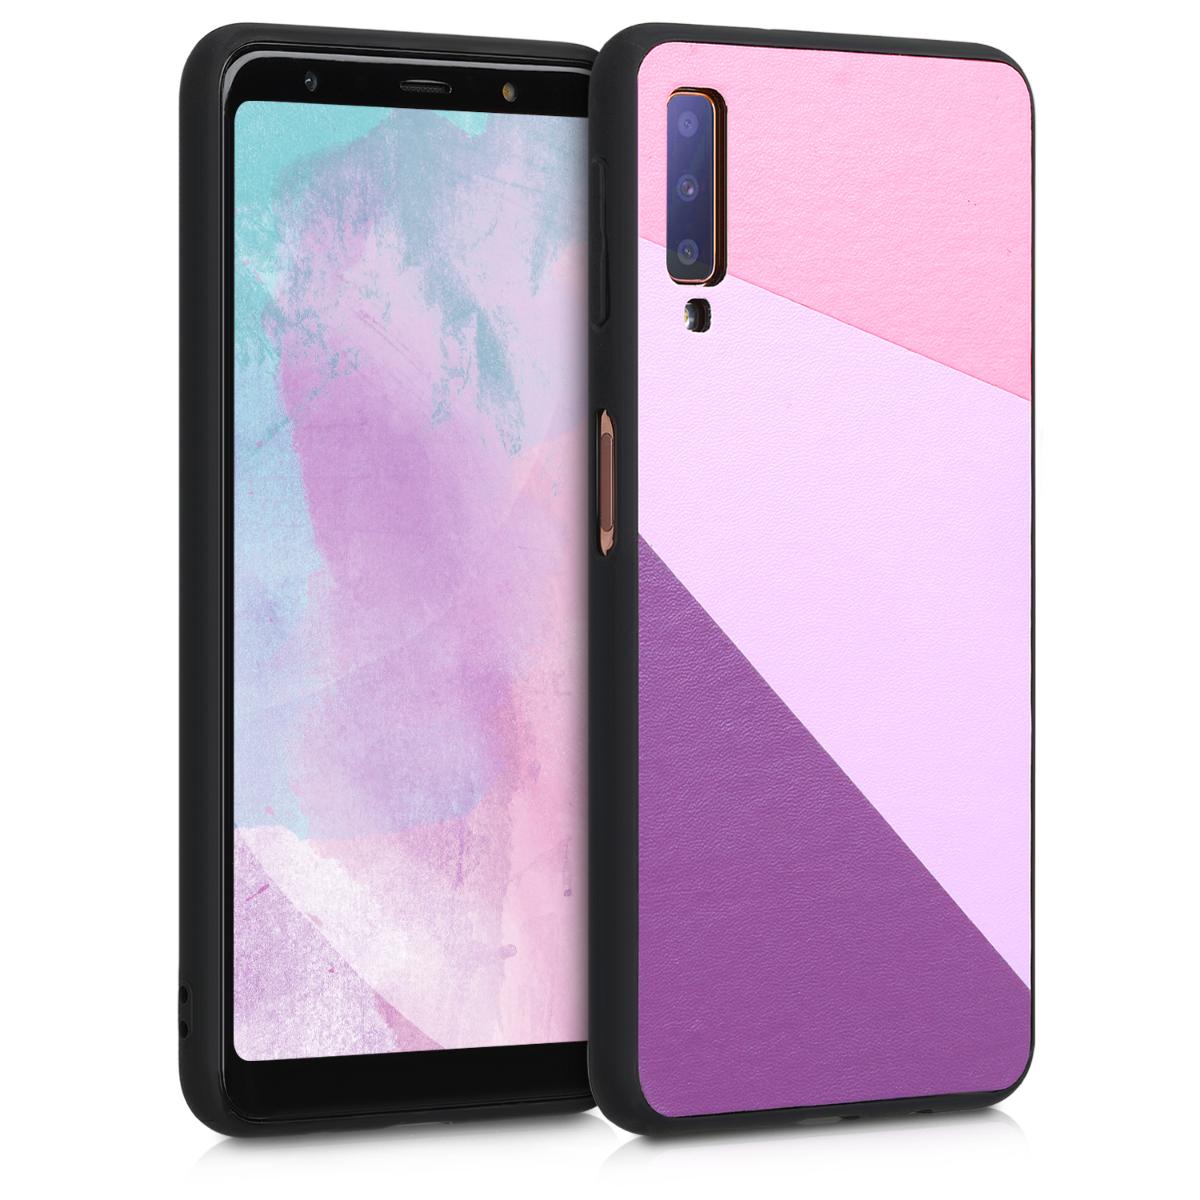 Kvalitní plastové pouzdro pro Samsung A7 (2018) - Trojúhelník geometrický světle  růžová / Dusty růžové / fialové